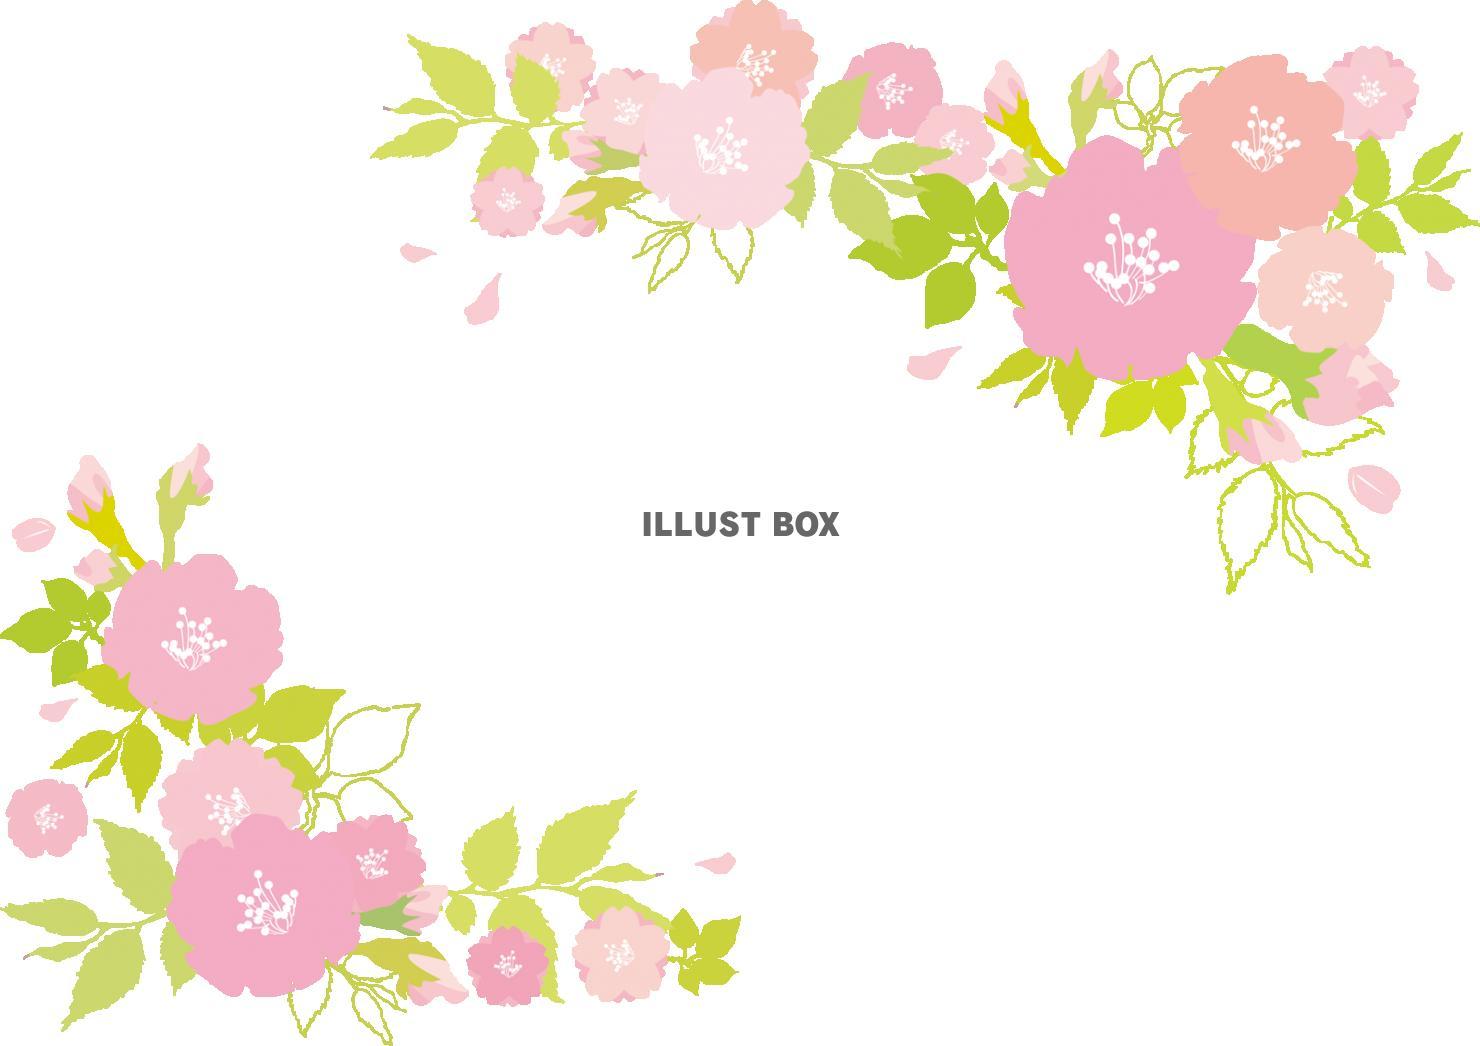 無料イラスト 桜おしゃれフレーム枠背景飾りさくら壁紙枠花手書き和